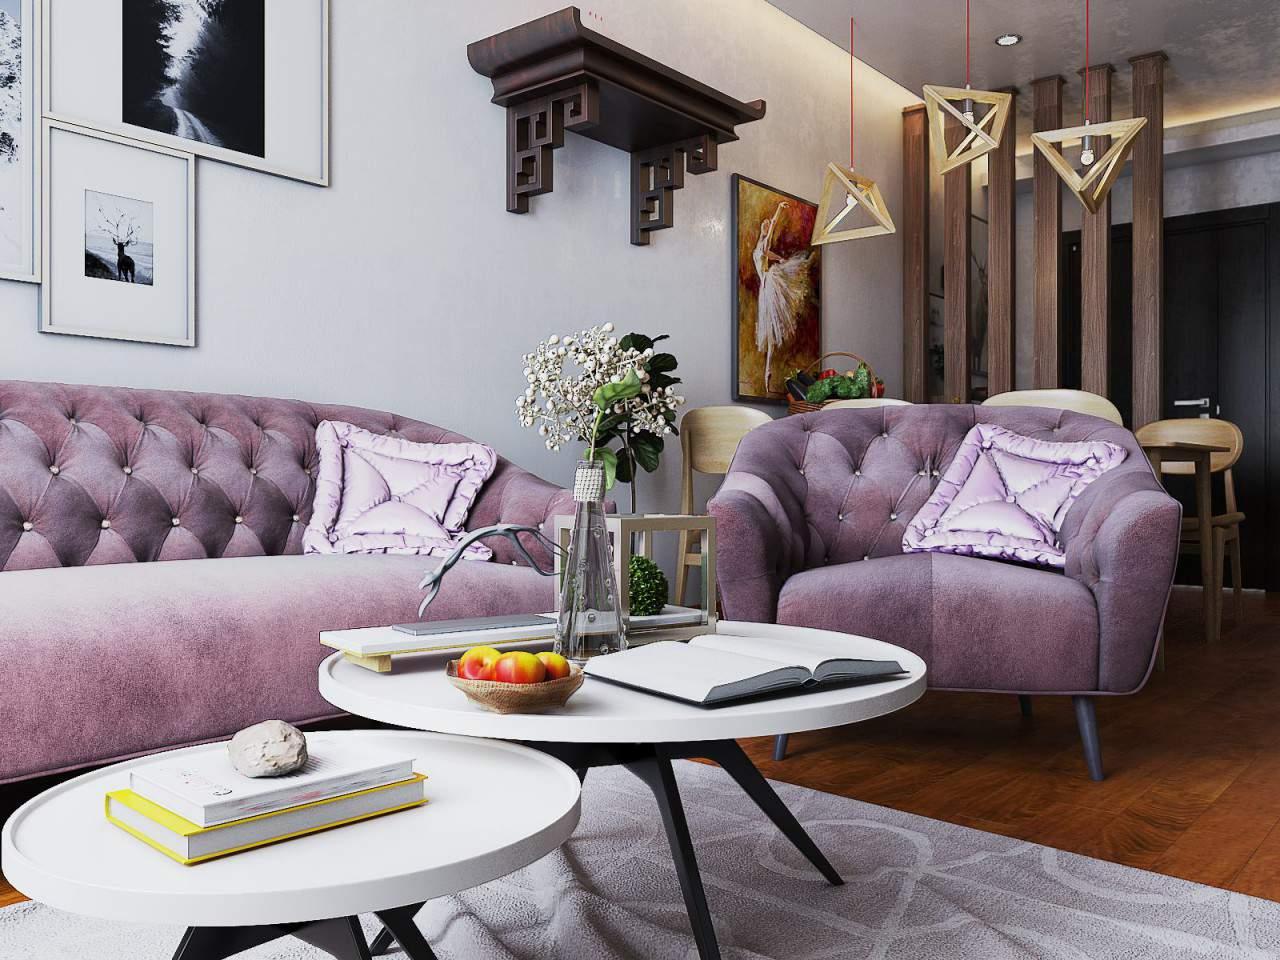 Trang trí nội thất phòng khách nhỏ đẹp và hiện đại